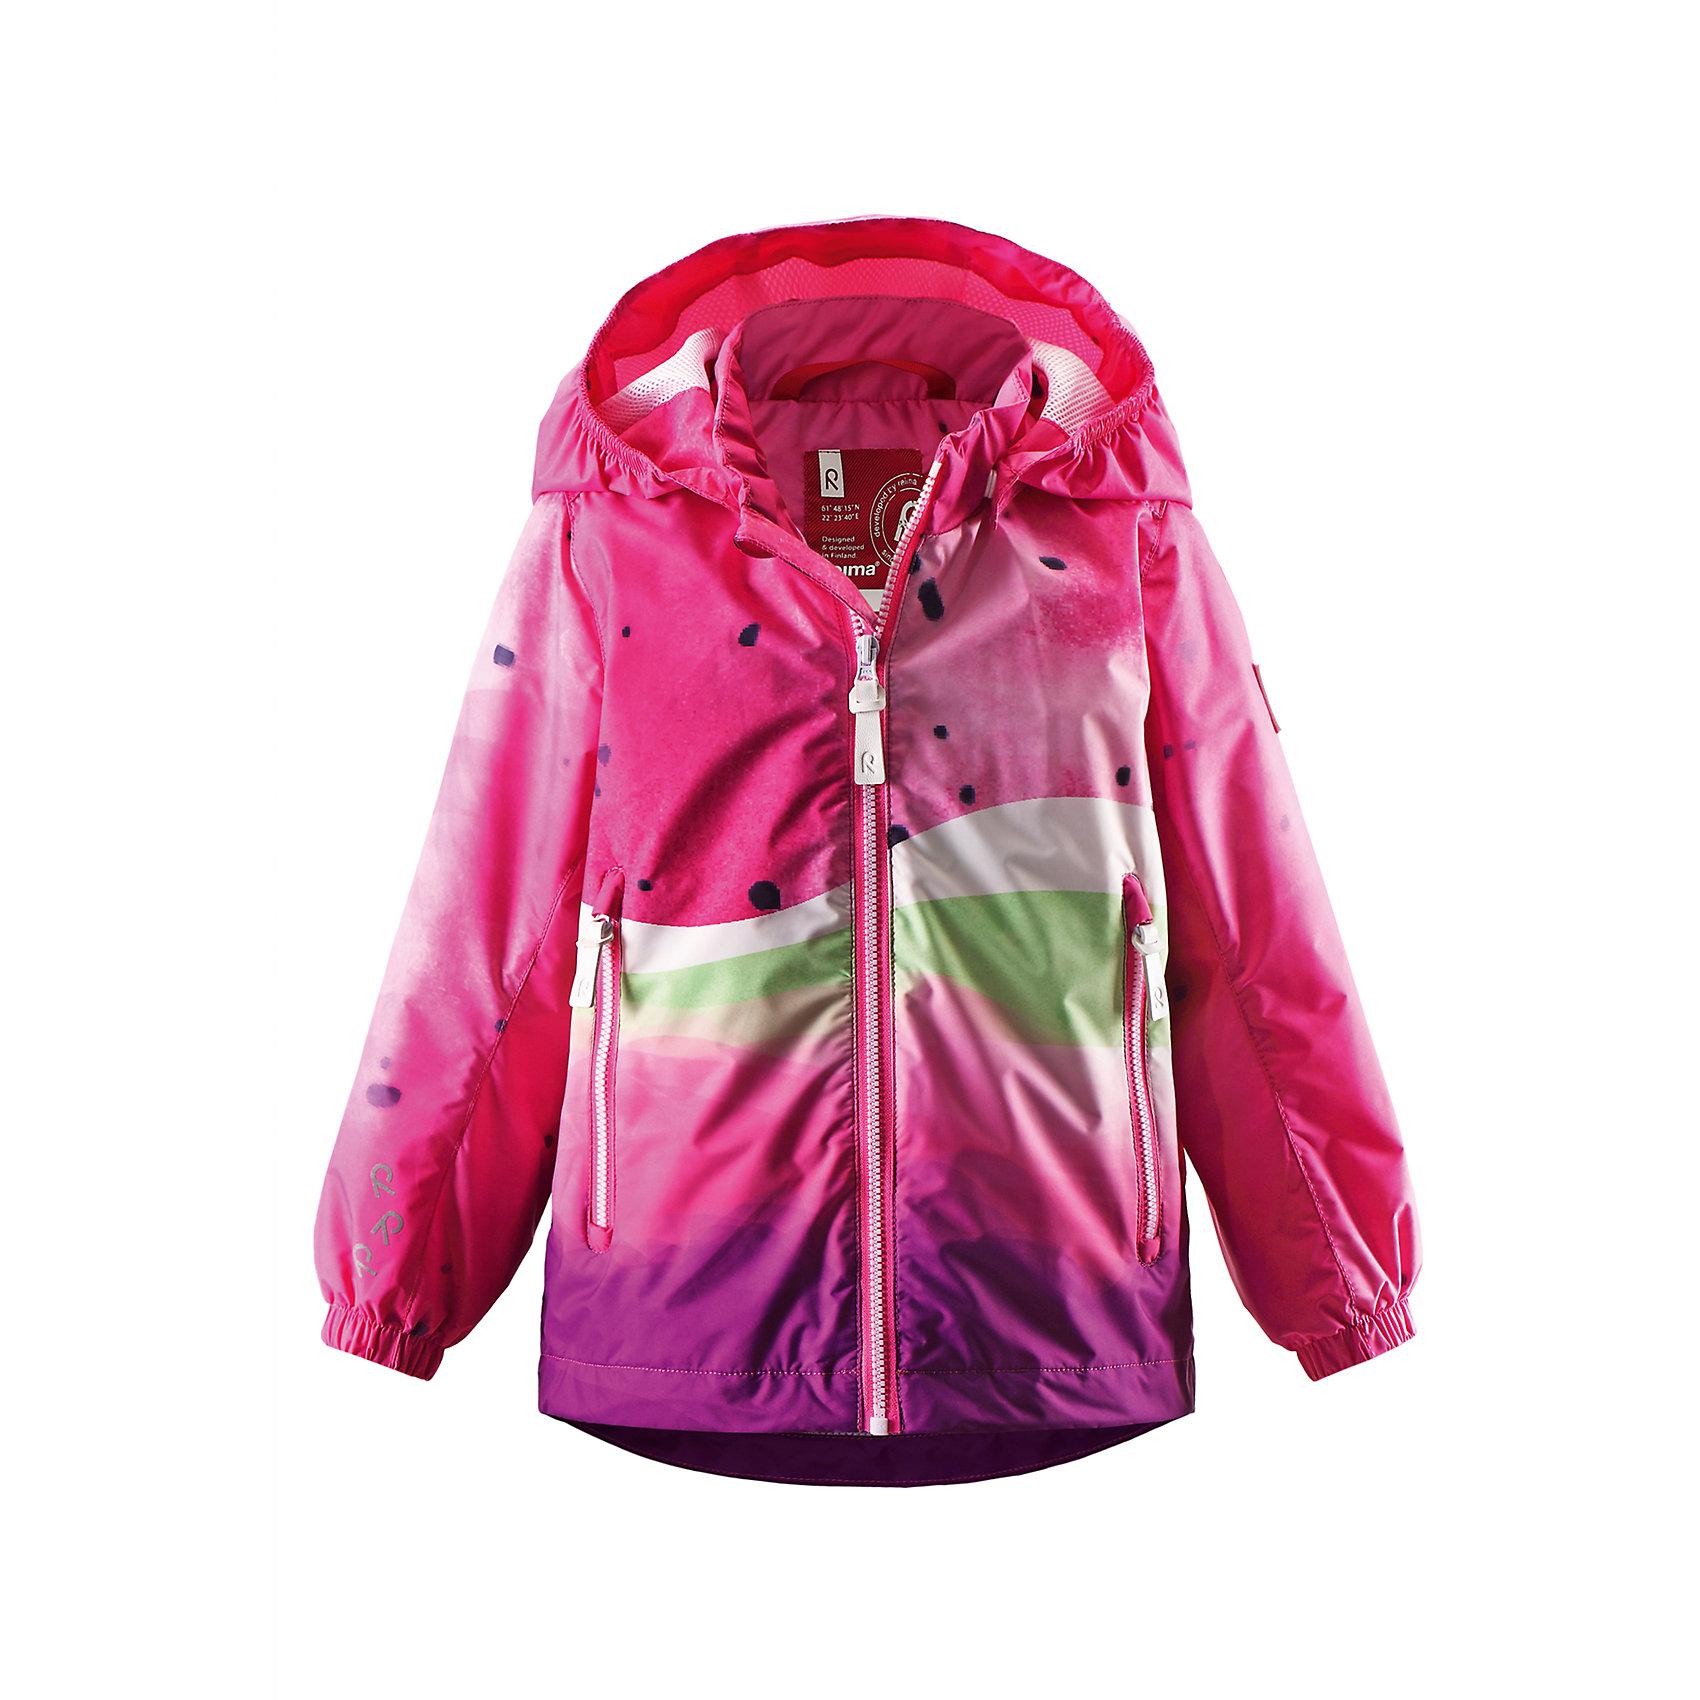 Куртка для девочки ReimaОдежда<br>Легкая куртка-ветровка для малышей – специально для межсезонья. Материал также выдержит неожиданное попадание на него воды. Подкладка из сетки для лучшей вентиляции и комфорта. Отстегивающийся капюшон и светоотражающие детали гарантируют дополнительную безопасность во время игр на воздухе, а карманы на молнии обеспечат достаточно места для хранения наиболее ценных мелочей.<br><br>Дополнительная информация:<br><br>Куртка демисезонная для малышей<br>Водонепроницаемость 5000 мм<br>Водоотталкивающий, ветронепроницаемый и «дышащий» материал<br>Подкладка из mesh-сетки<br>Безопасный, съемный капюшон<br>Регулируемый подол<br>Состав:<br>100% ПЭ, ПУ-покрытие<br>Уход:<br>Стирать по отдельности, вывернув наизнанку. Застегнуть молнии и липучки. Стирать моющим средством, не содержащим отбеливающие вещества. Полоскать без специального средства. Во избежание изменения цвета изделие необходимо вынуть из стиральной машинки незамедлительно после окончания программы стирки. Сушить при низкой температуре.<br><br>Ширина мм: 356<br>Глубина мм: 10<br>Высота мм: 245<br>Вес г: 519<br>Цвет: розовый<br>Возраст от месяцев: 12<br>Возраст до месяцев: 18<br>Пол: Женский<br>Возраст: Детский<br>Размер: 92,80,74,86,98<br>SKU: 4497215